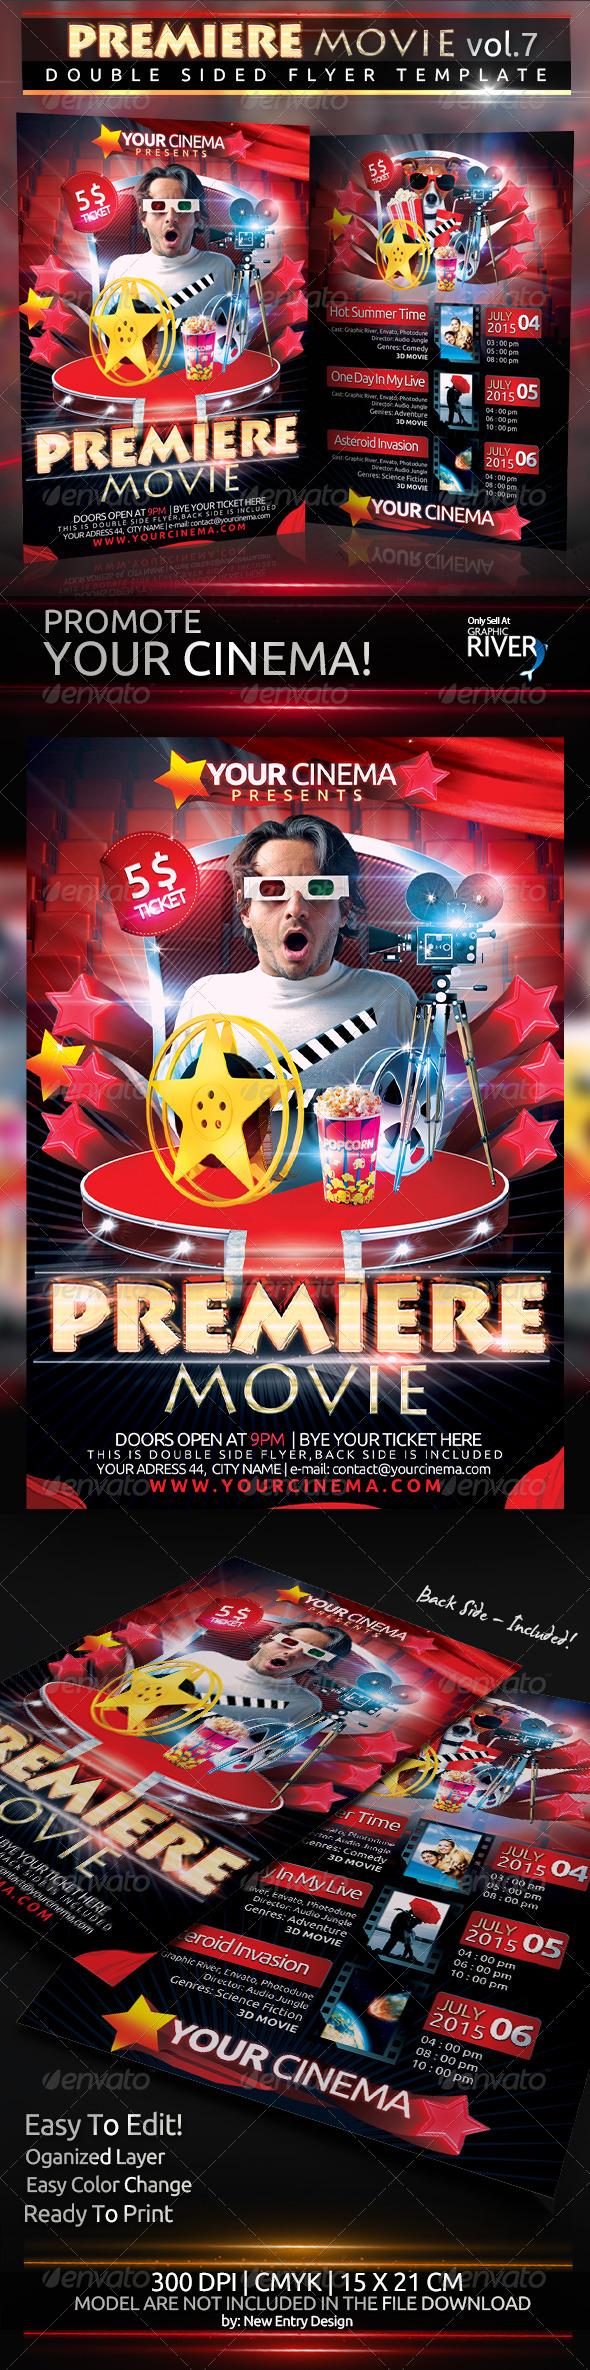 GraphicRiver Premiere Movie Vol7 4633533